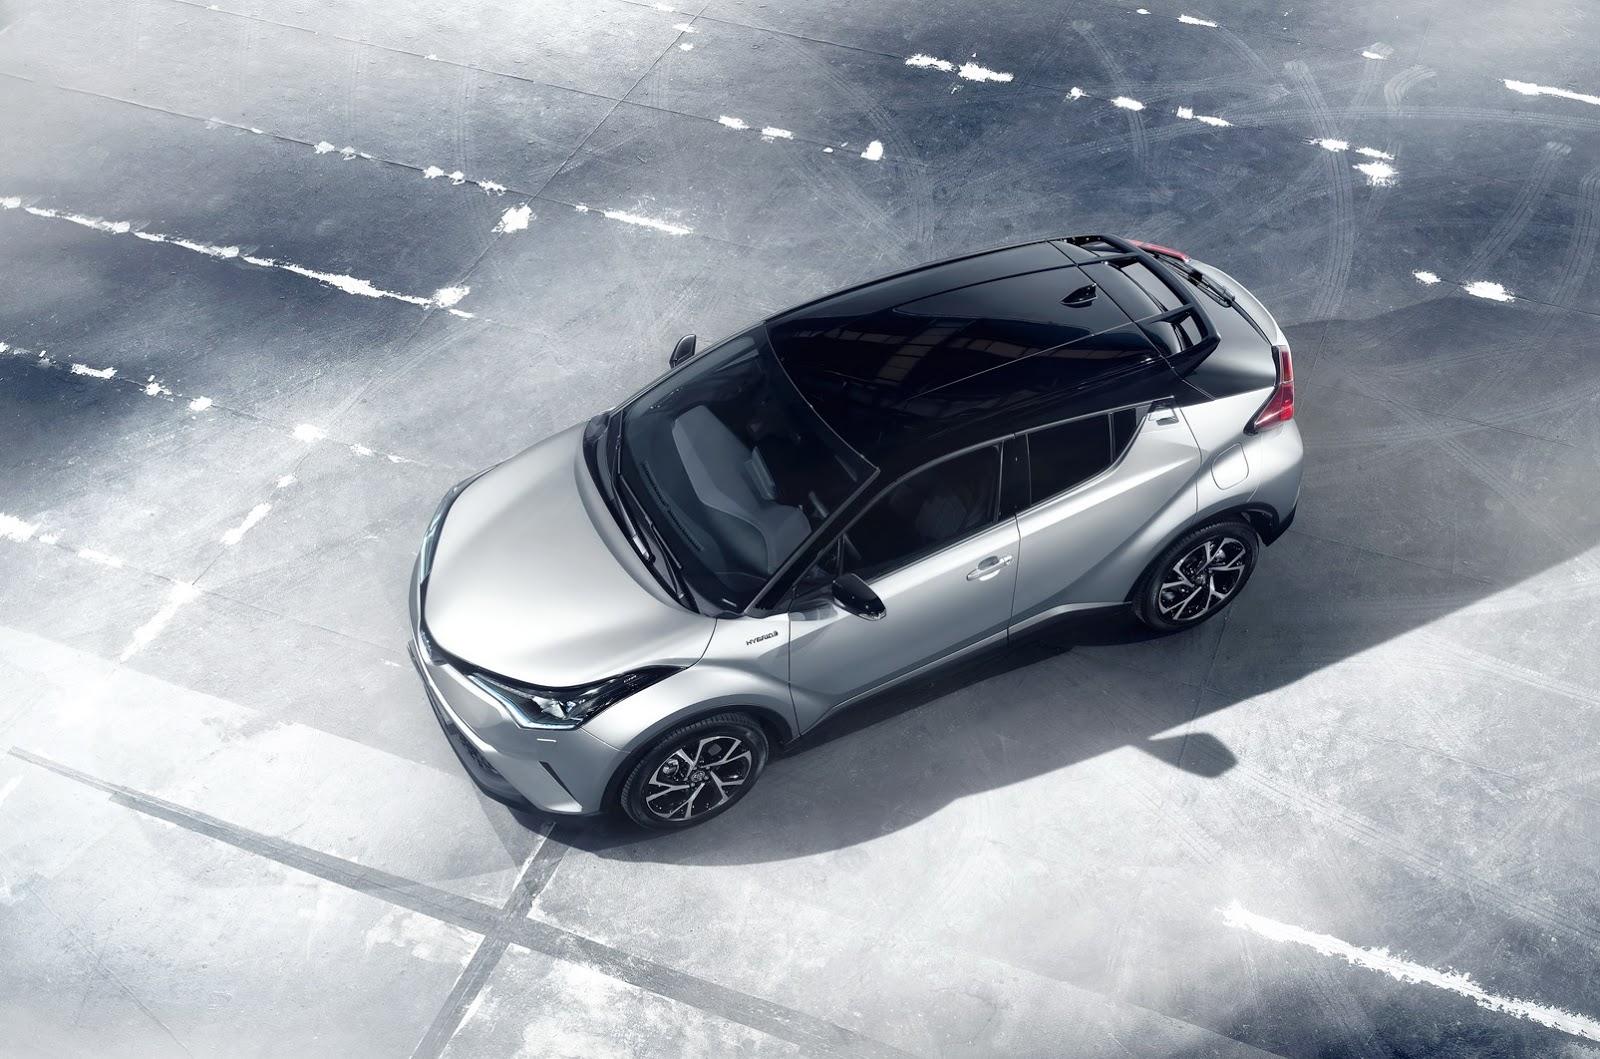 Tại một số thị trường như Ukraine và Caucasus, Toyota C-HR sẽ có thêm động cơ xăng 2.0 lít với công suất tối đa 148 mã lực. Động cơ này chỉ kết hợp với hộp số CVT. Ngoài ra, hãng Toyota còn úp mở việc bổ sung phiên bản hiệu suất cao của C-HR trong tương lai.